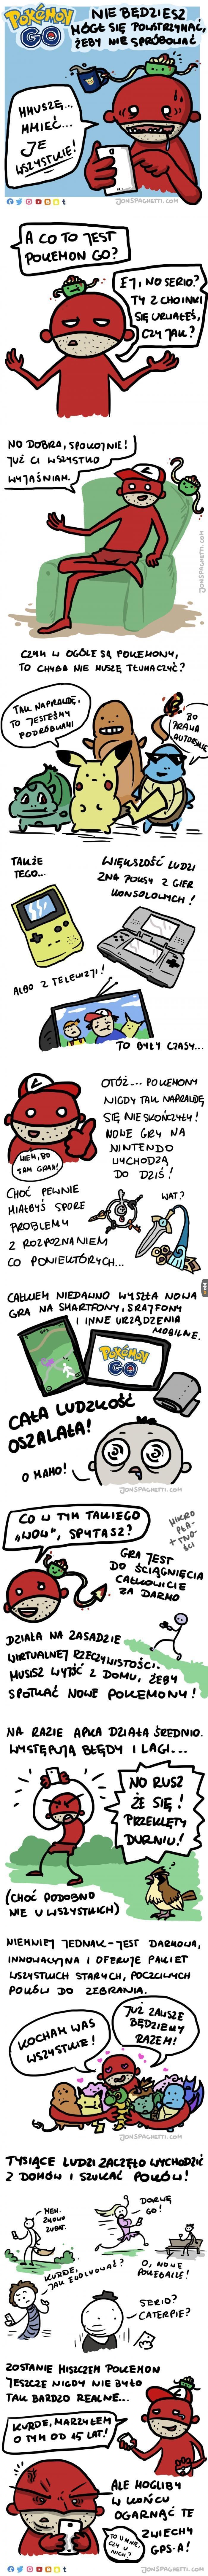 Takie tam, o Pokemon GO